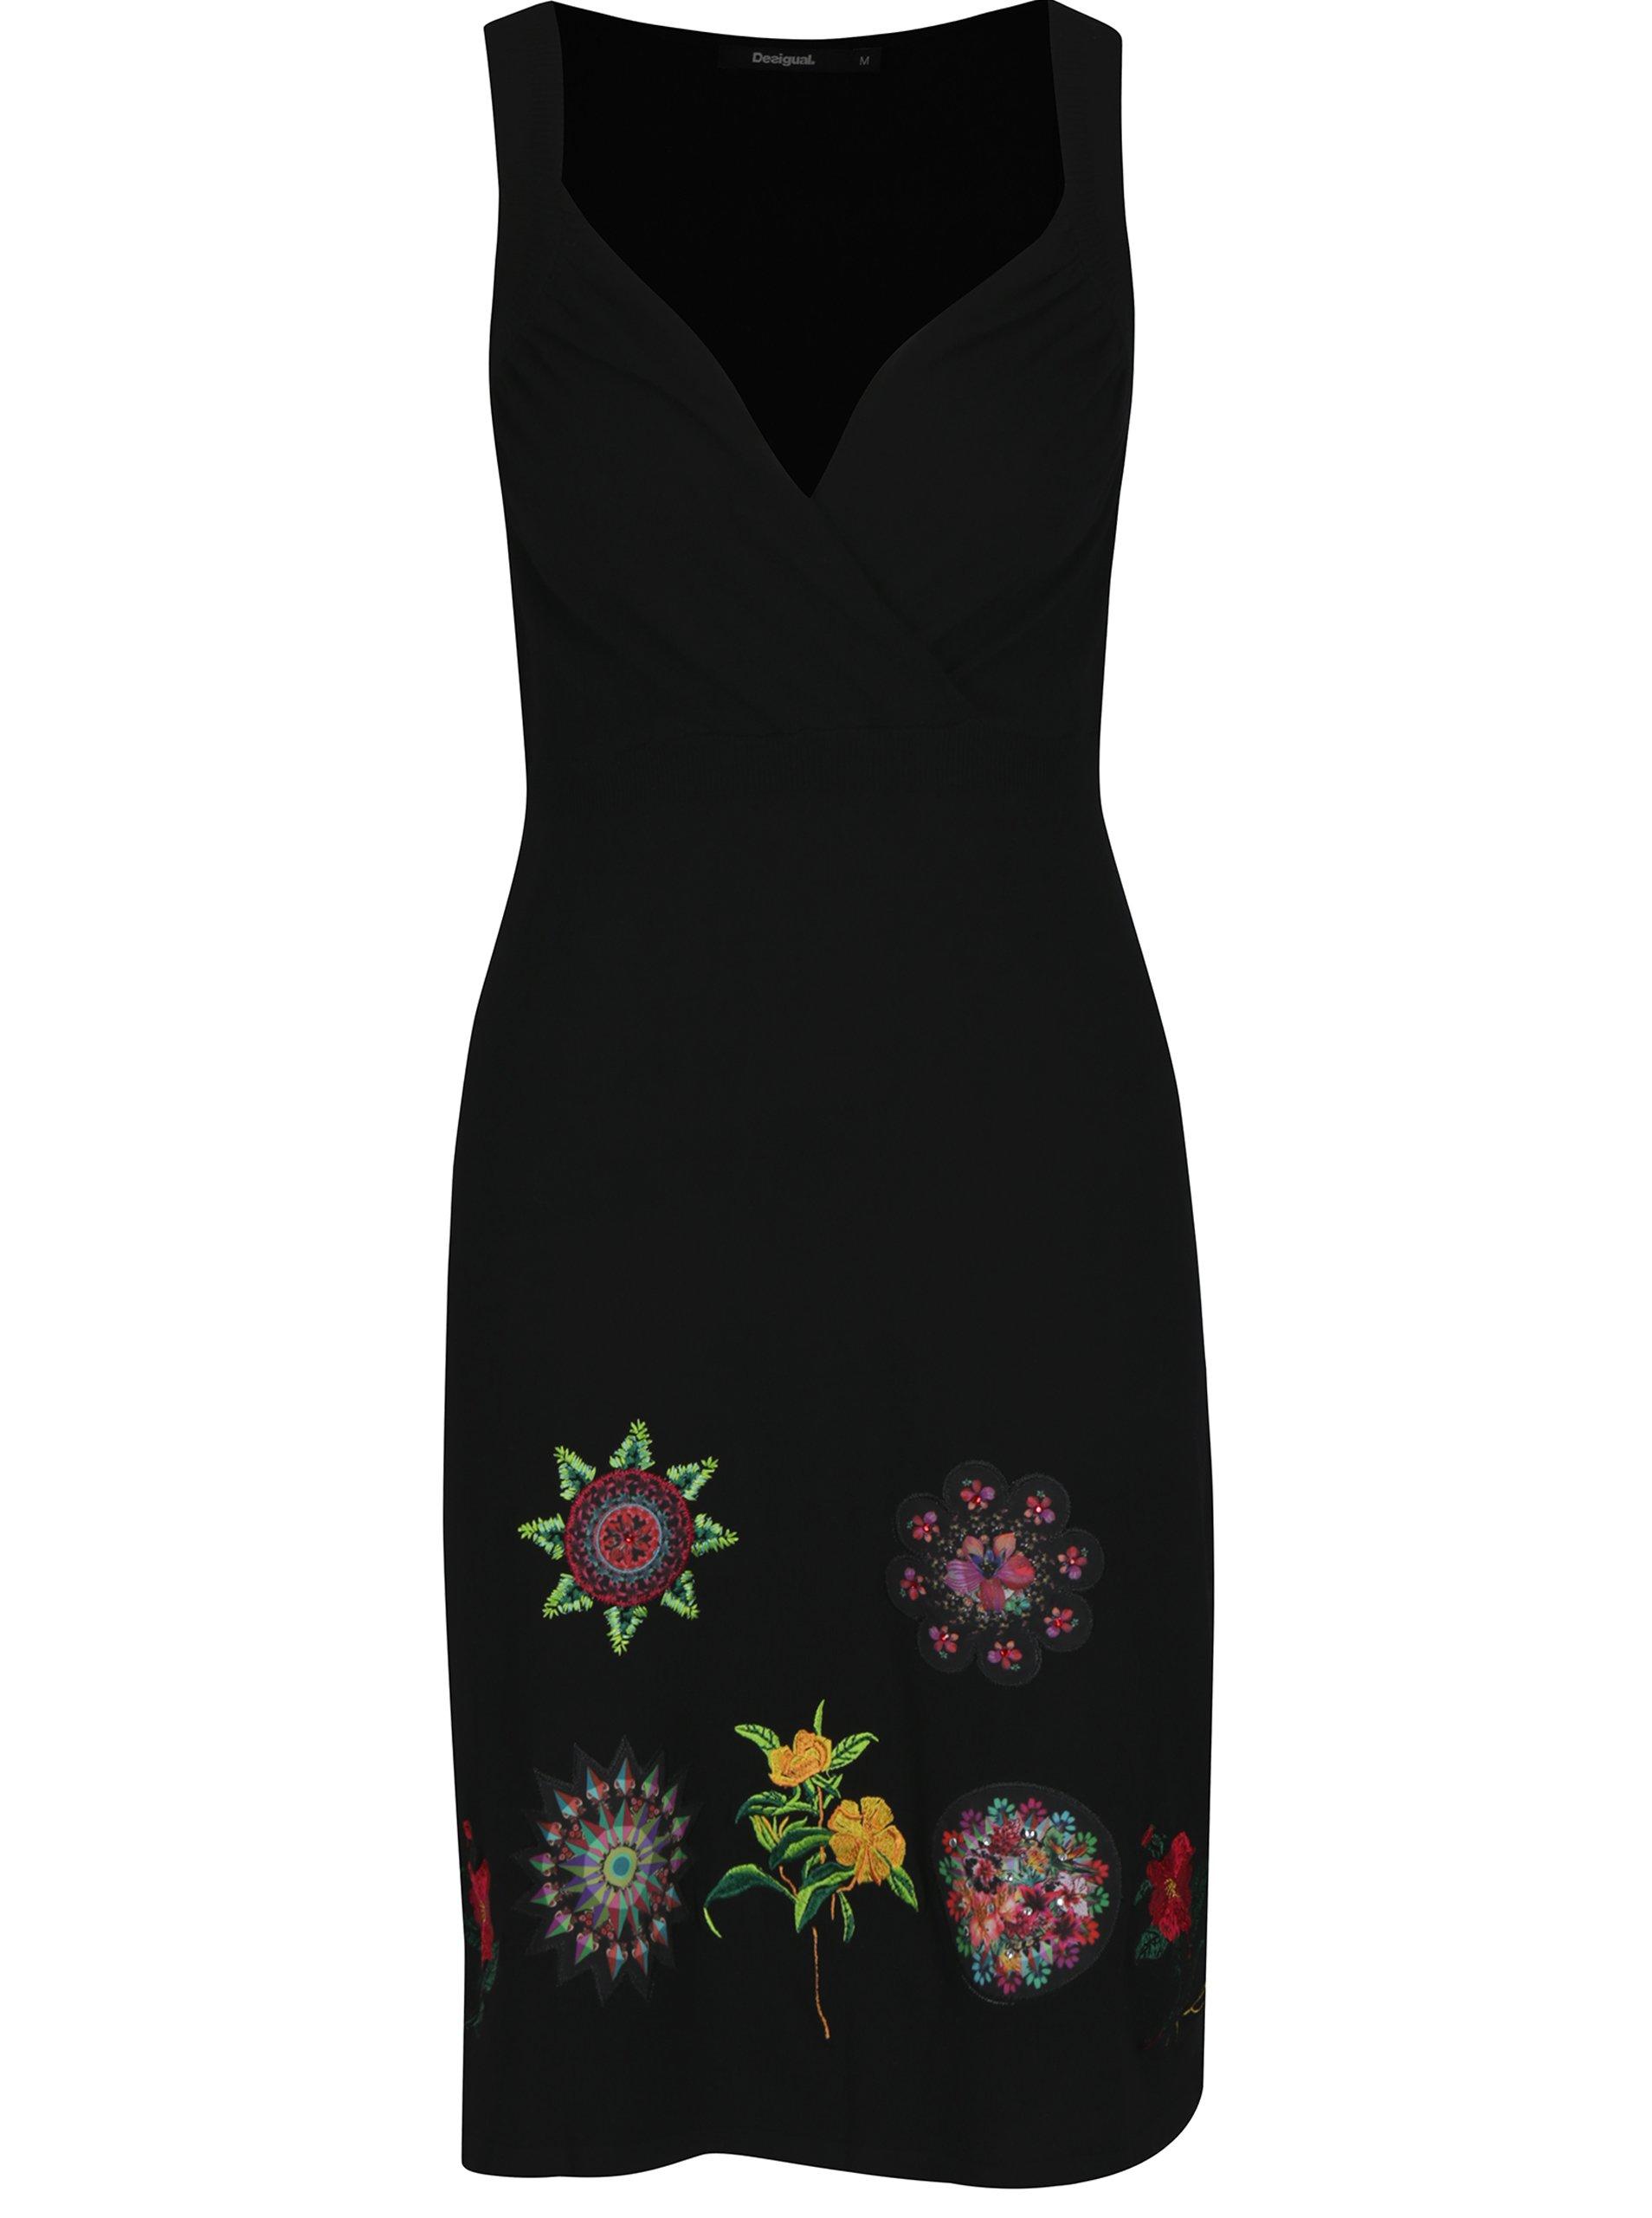 Černé šaty s kamínky a výšivkami Desigual Gotheborg